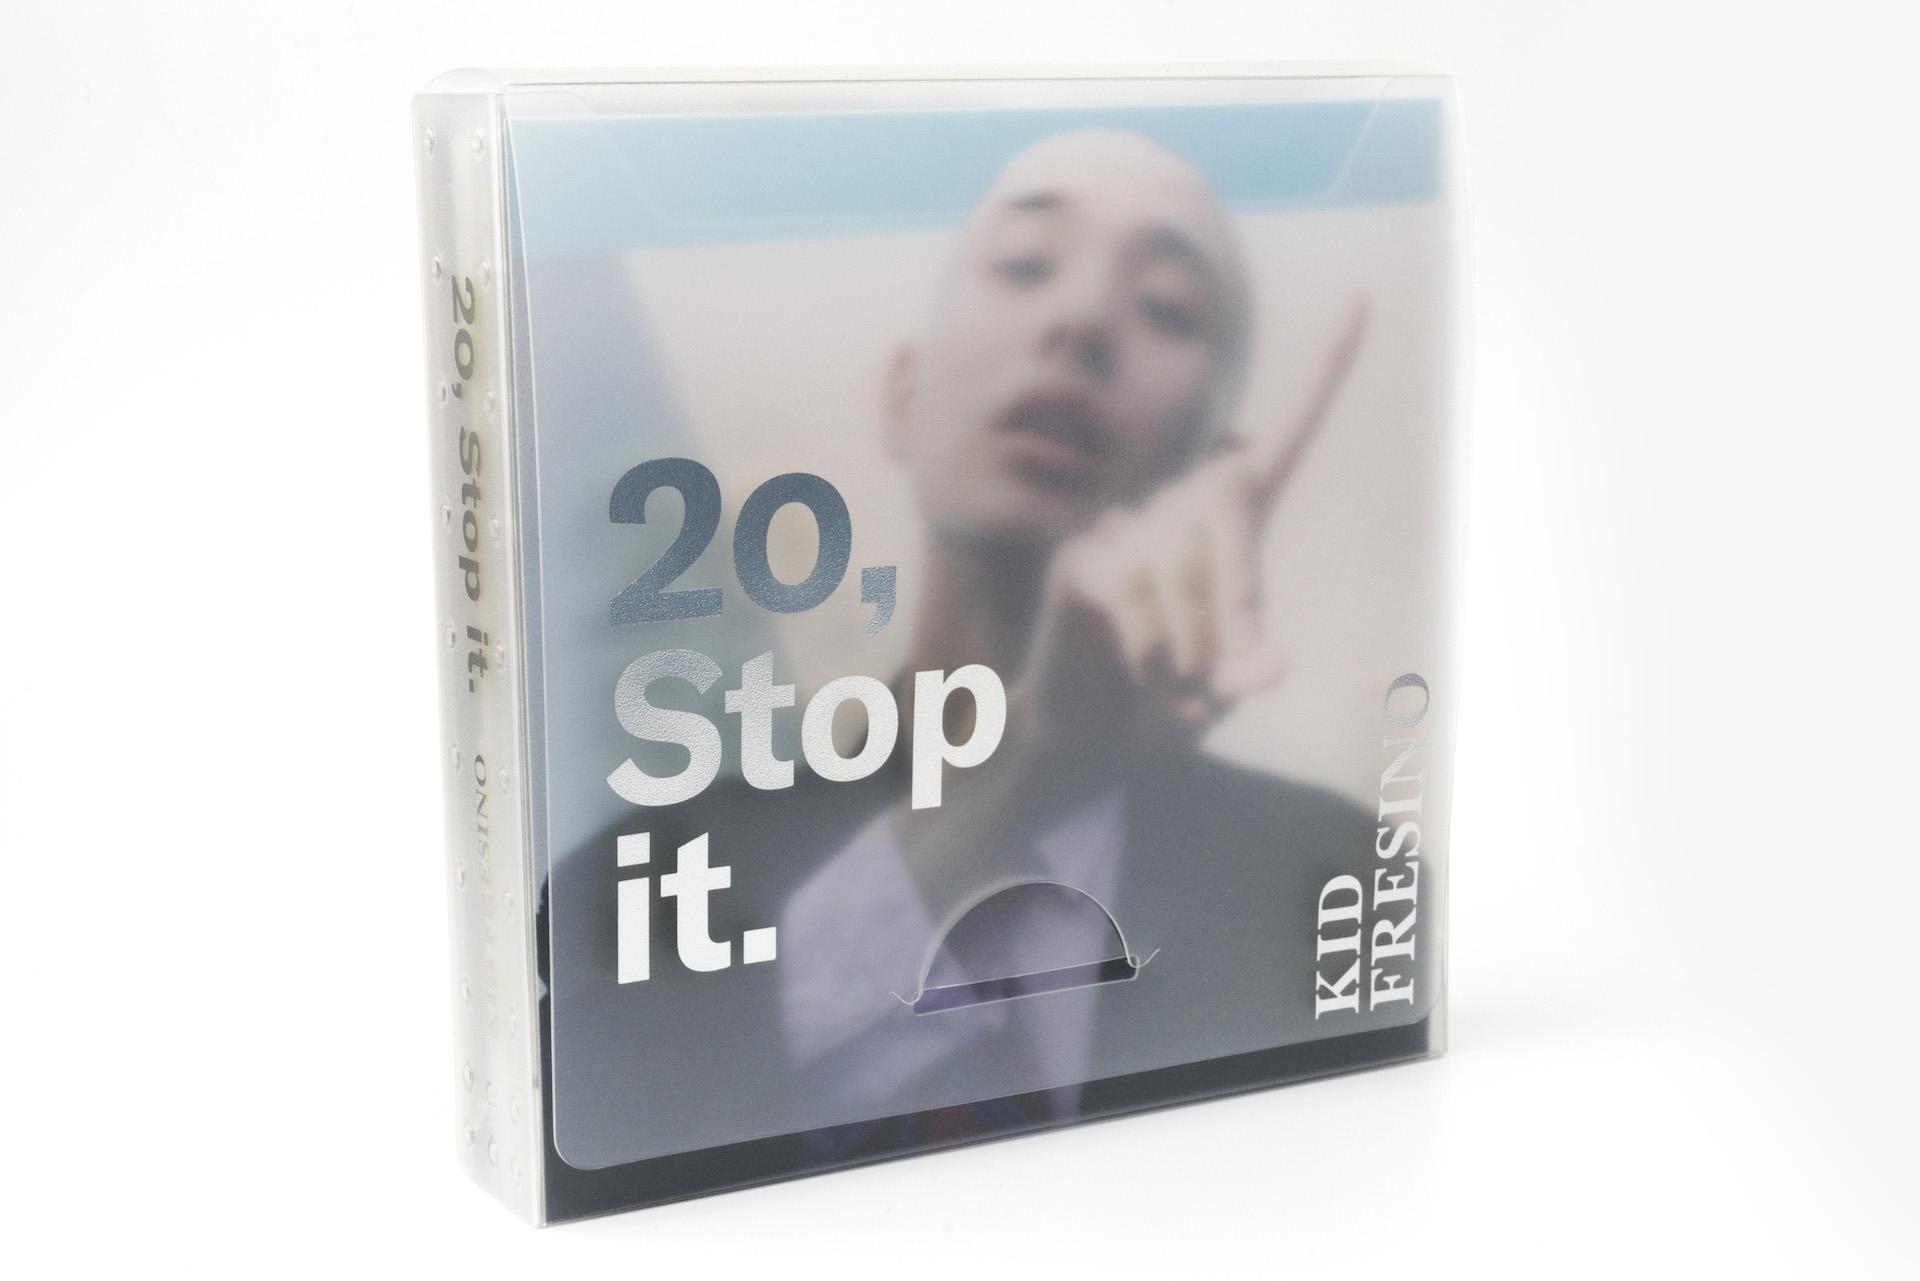 """KID FRESINOのニューアルバム『20,Stop it.』からCampanellaを客演に迎えた""""Girl got a cute face""""のMVが公開 music210108_kidfresino_5"""